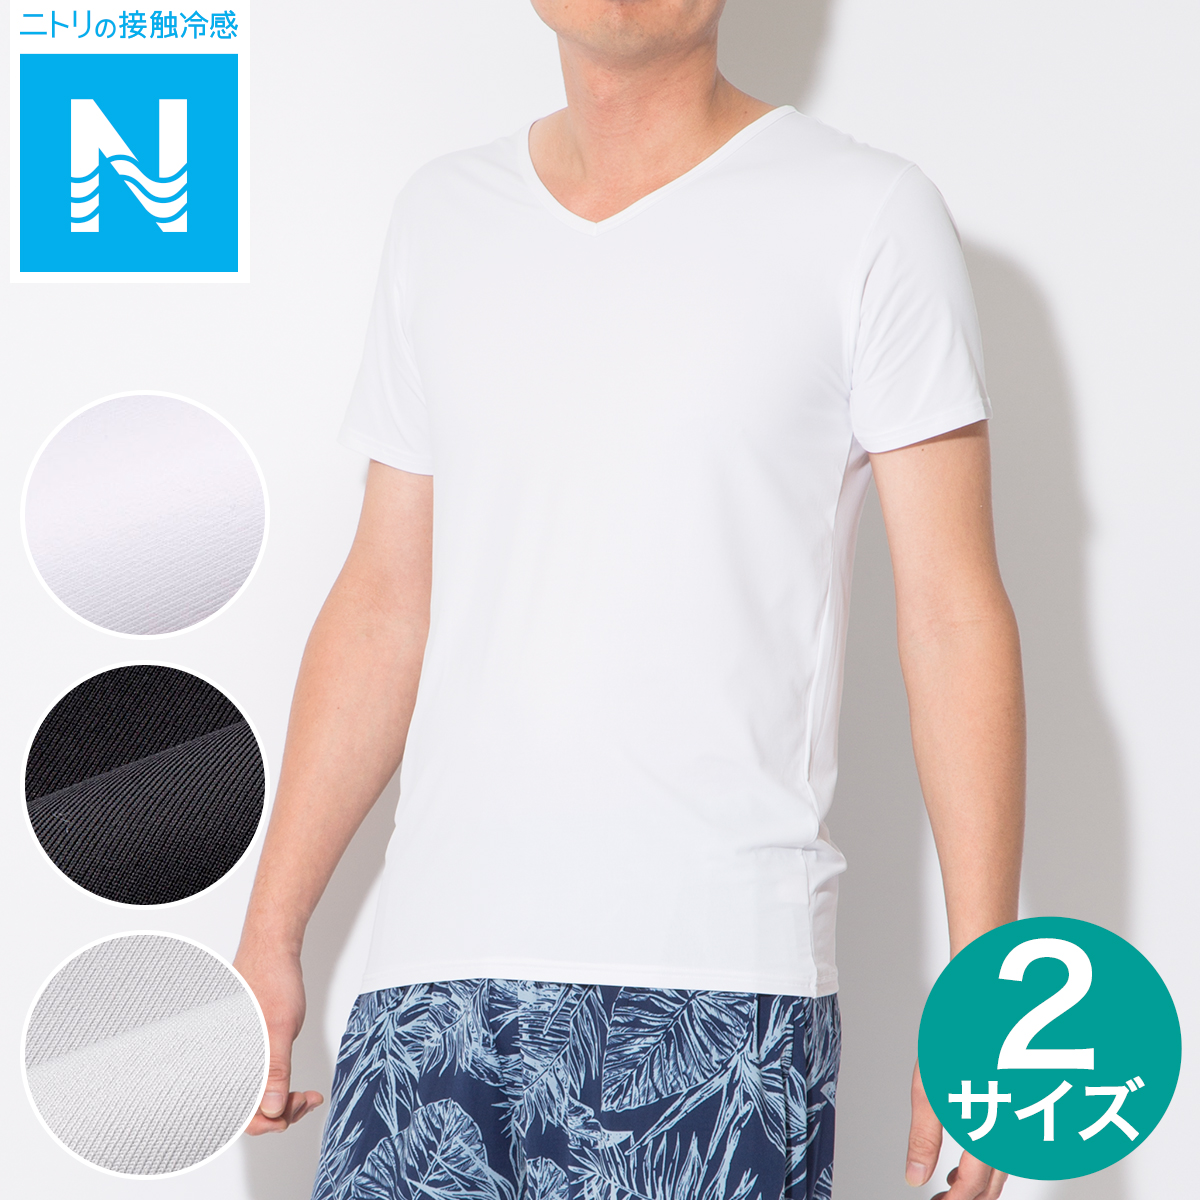 さわってひんやり接触冷感 なめらかな肌ざわり 信託 メンズ クール Tシャツ o-i 玄関先迄納品 Vネック 〔合計金額11000円以上送料無料対象商品〕 NEW ARRIVAL ニトリ